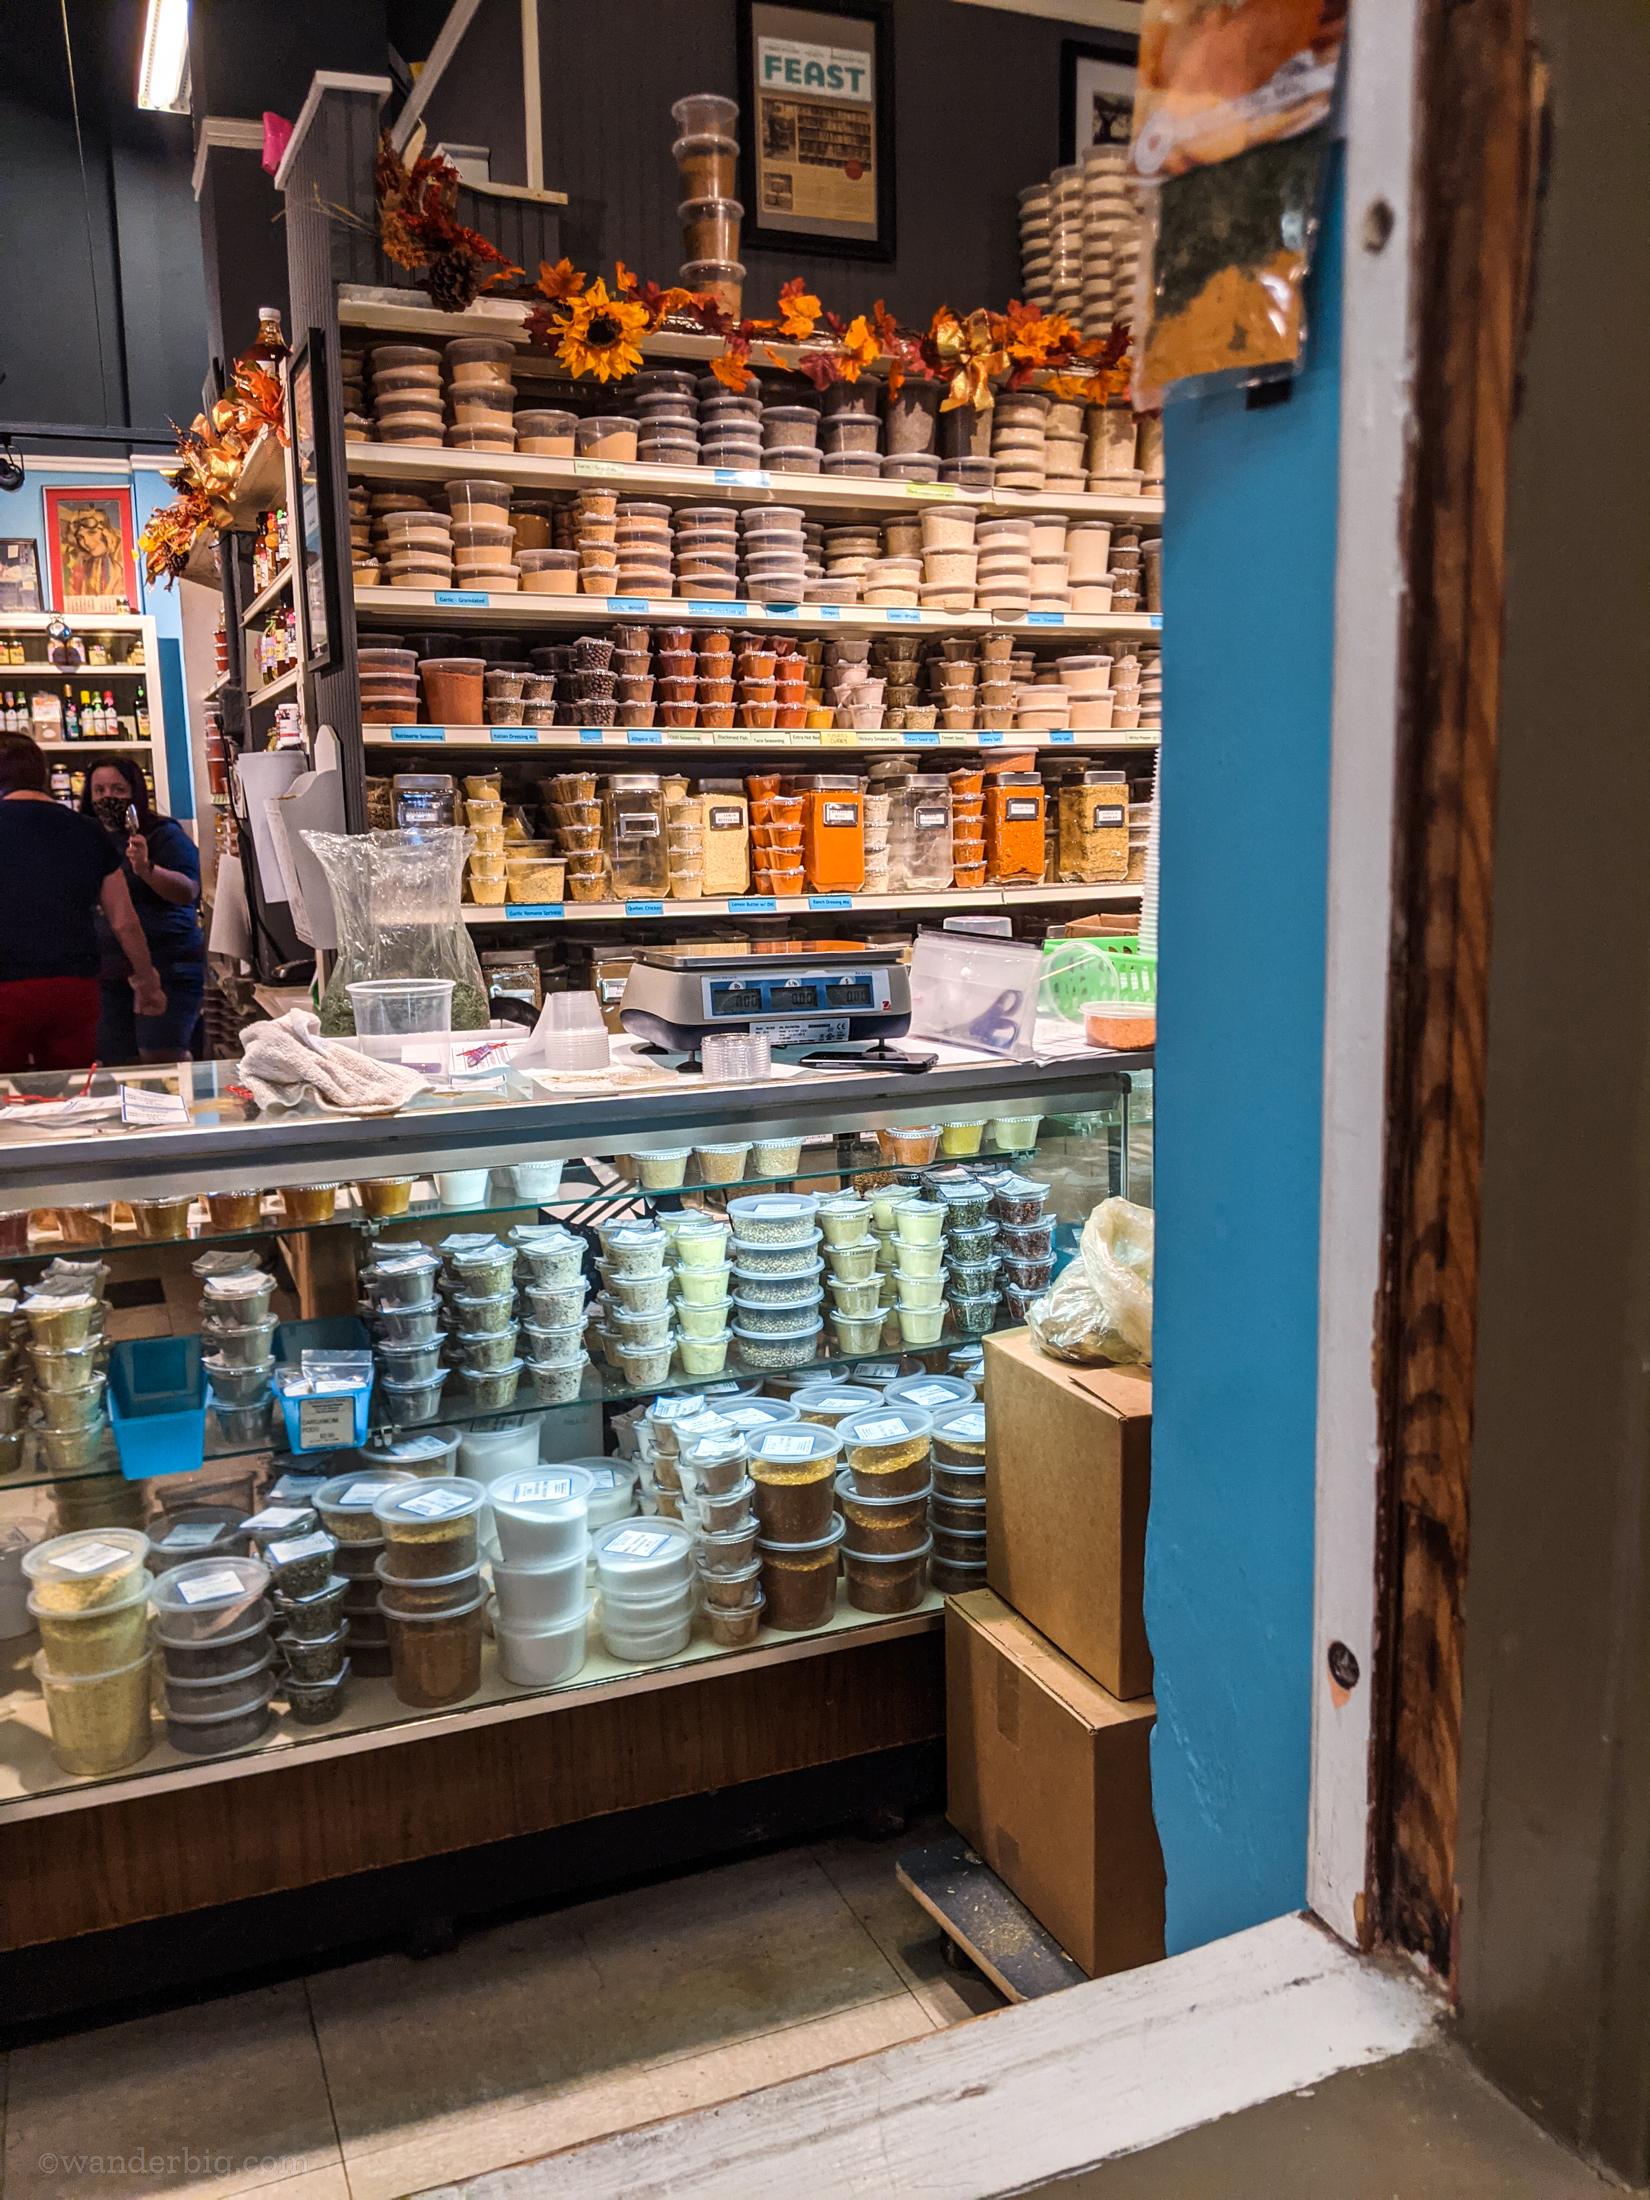 Spice shop in soulard market, saint louis.